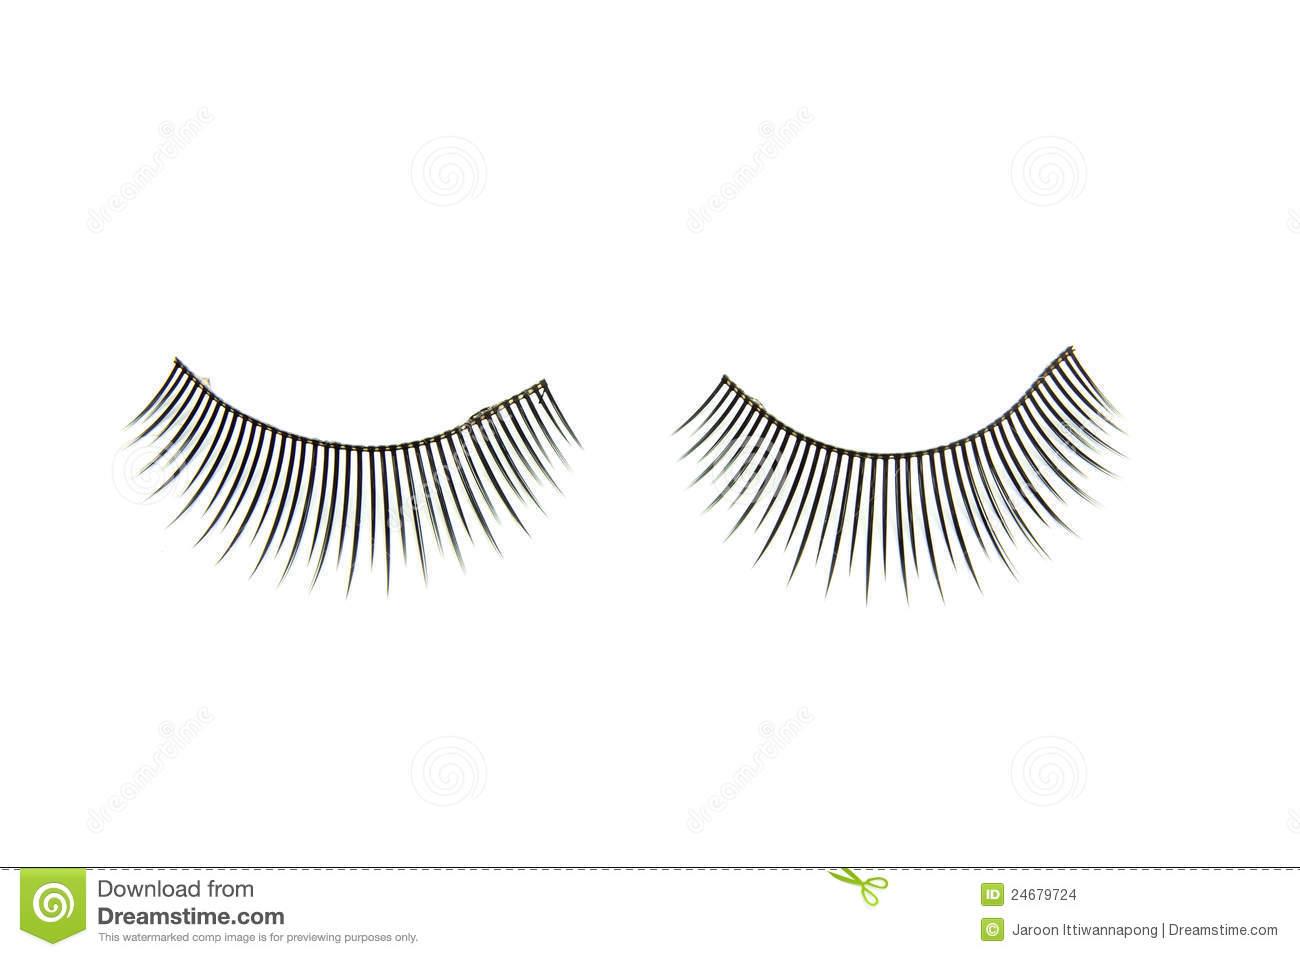 Eyelash clipart false eyelash Tiny Clipart Clipart #137 Eyelash